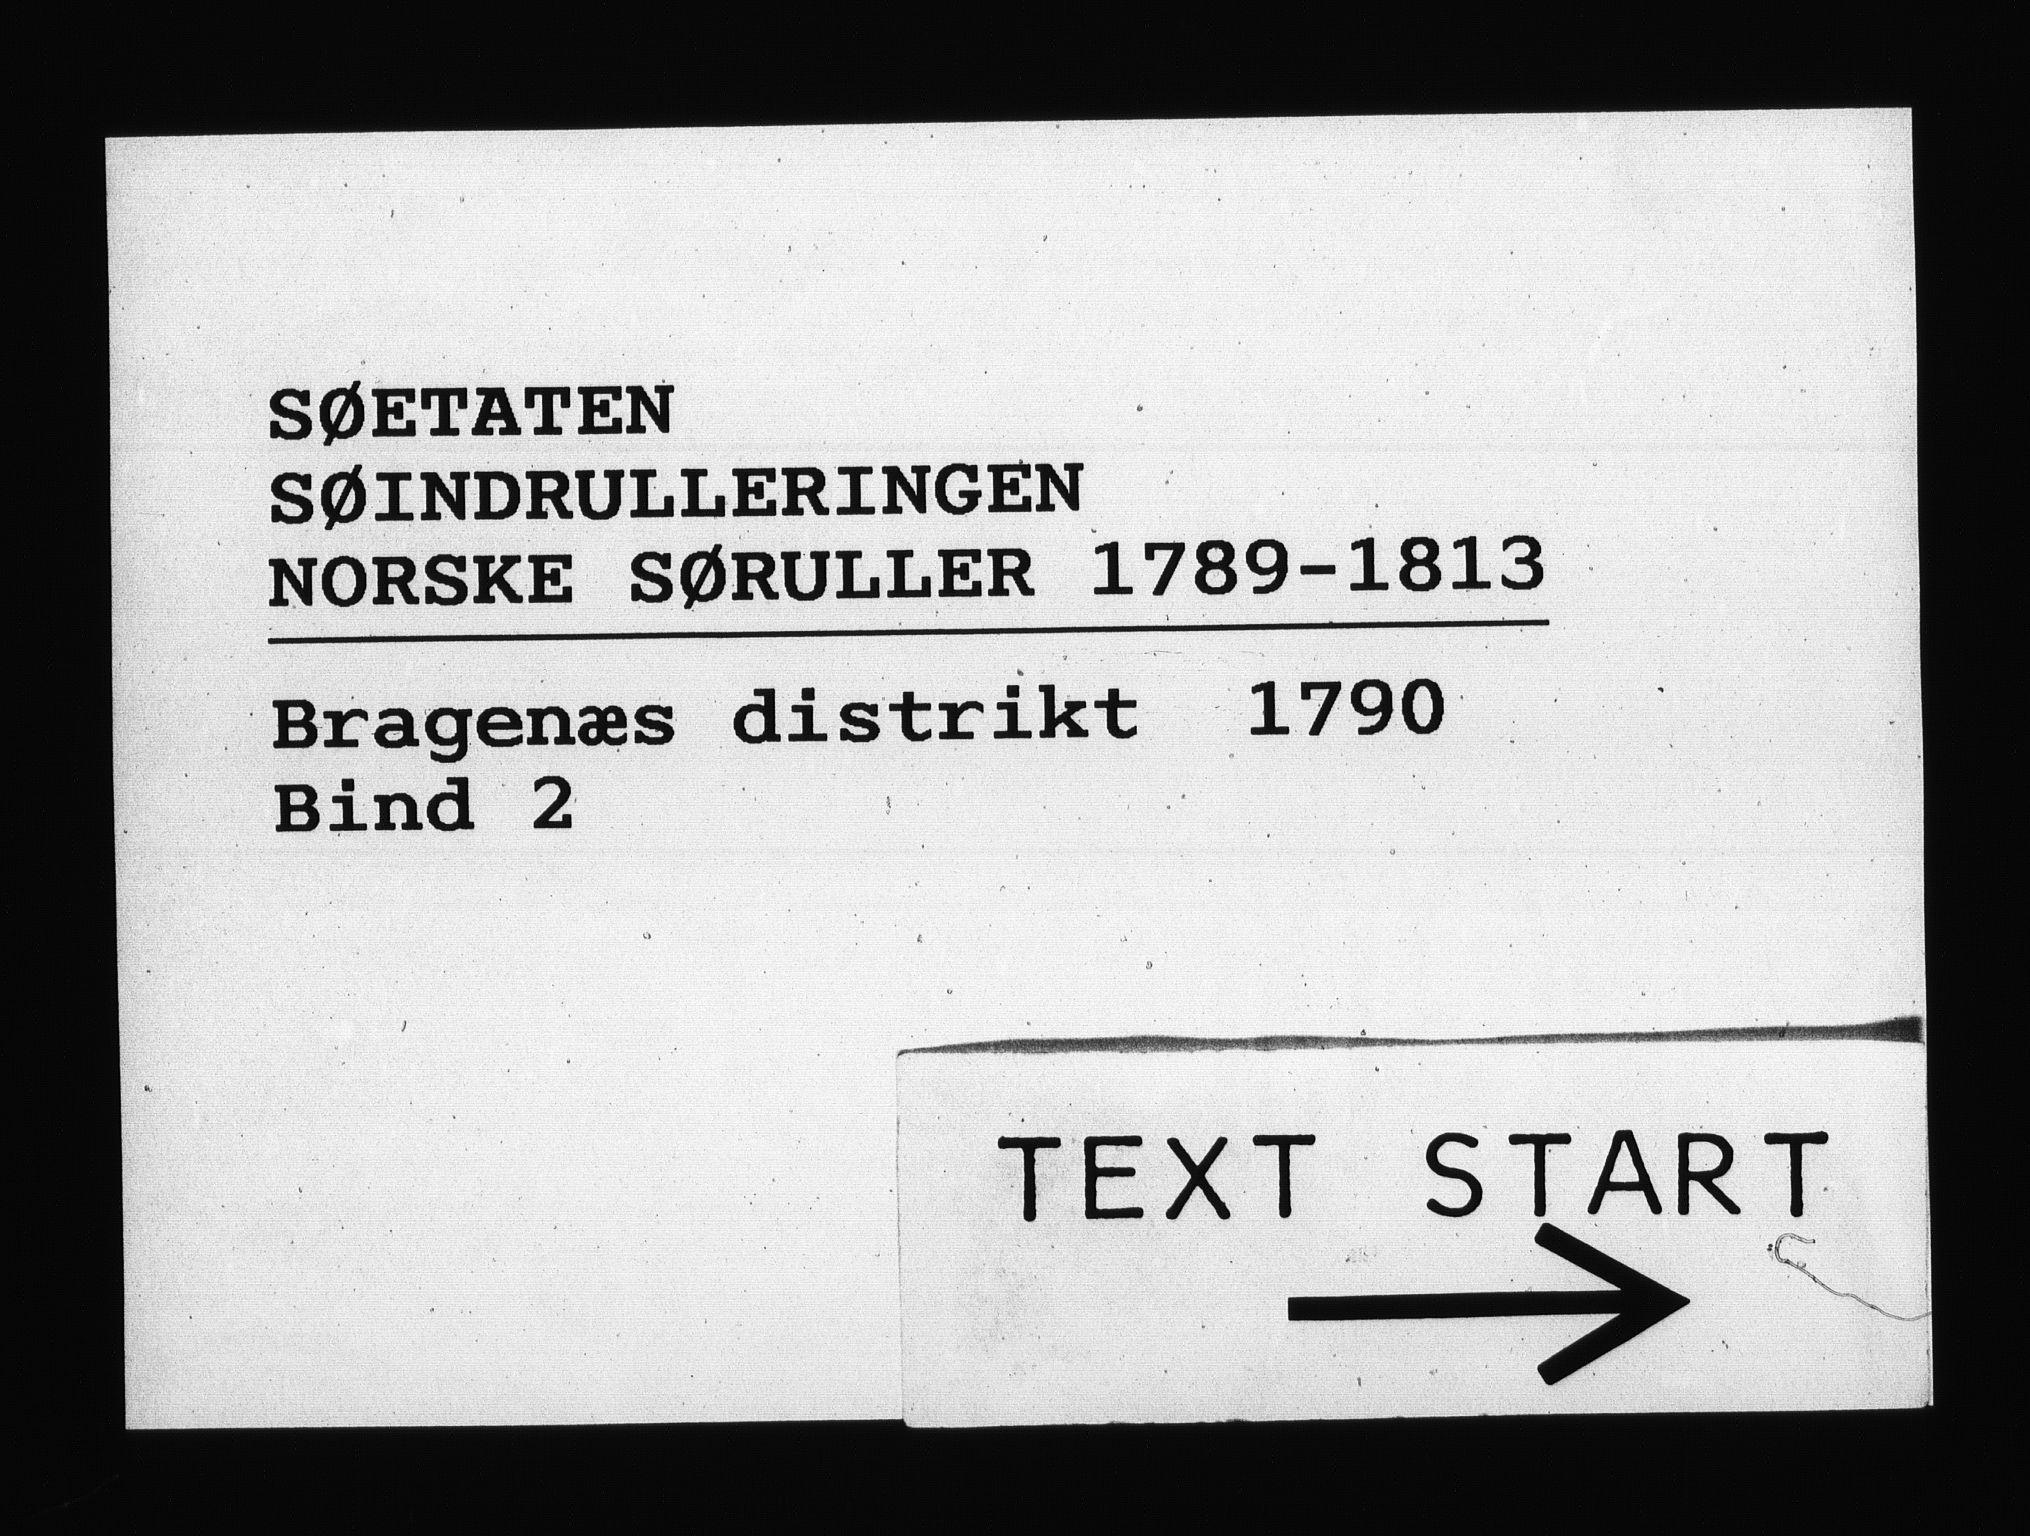 RA, Sjøetaten, F/L0110: Bragernes distrikt, bind 2, 1790